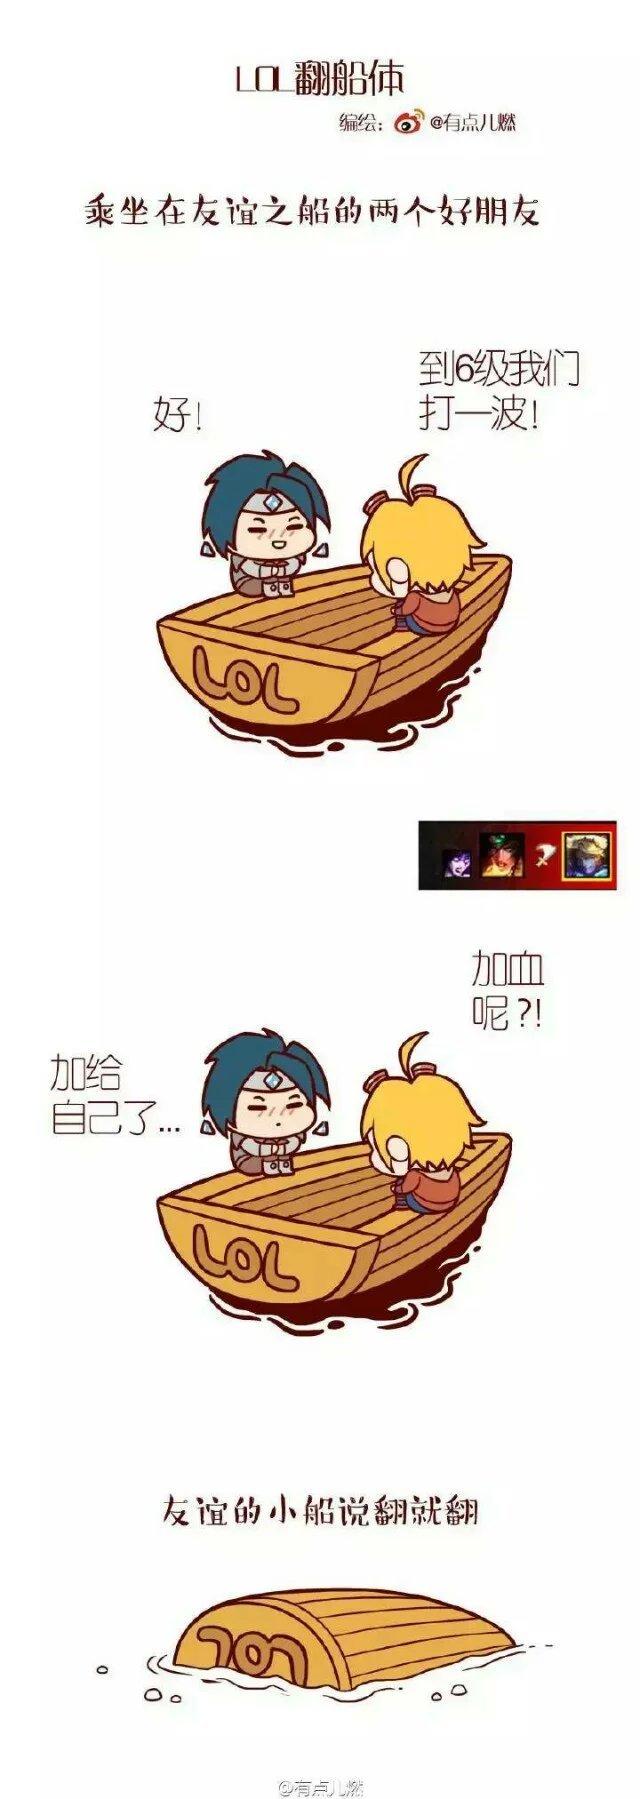 LOL版友谊的小船说翻就翻